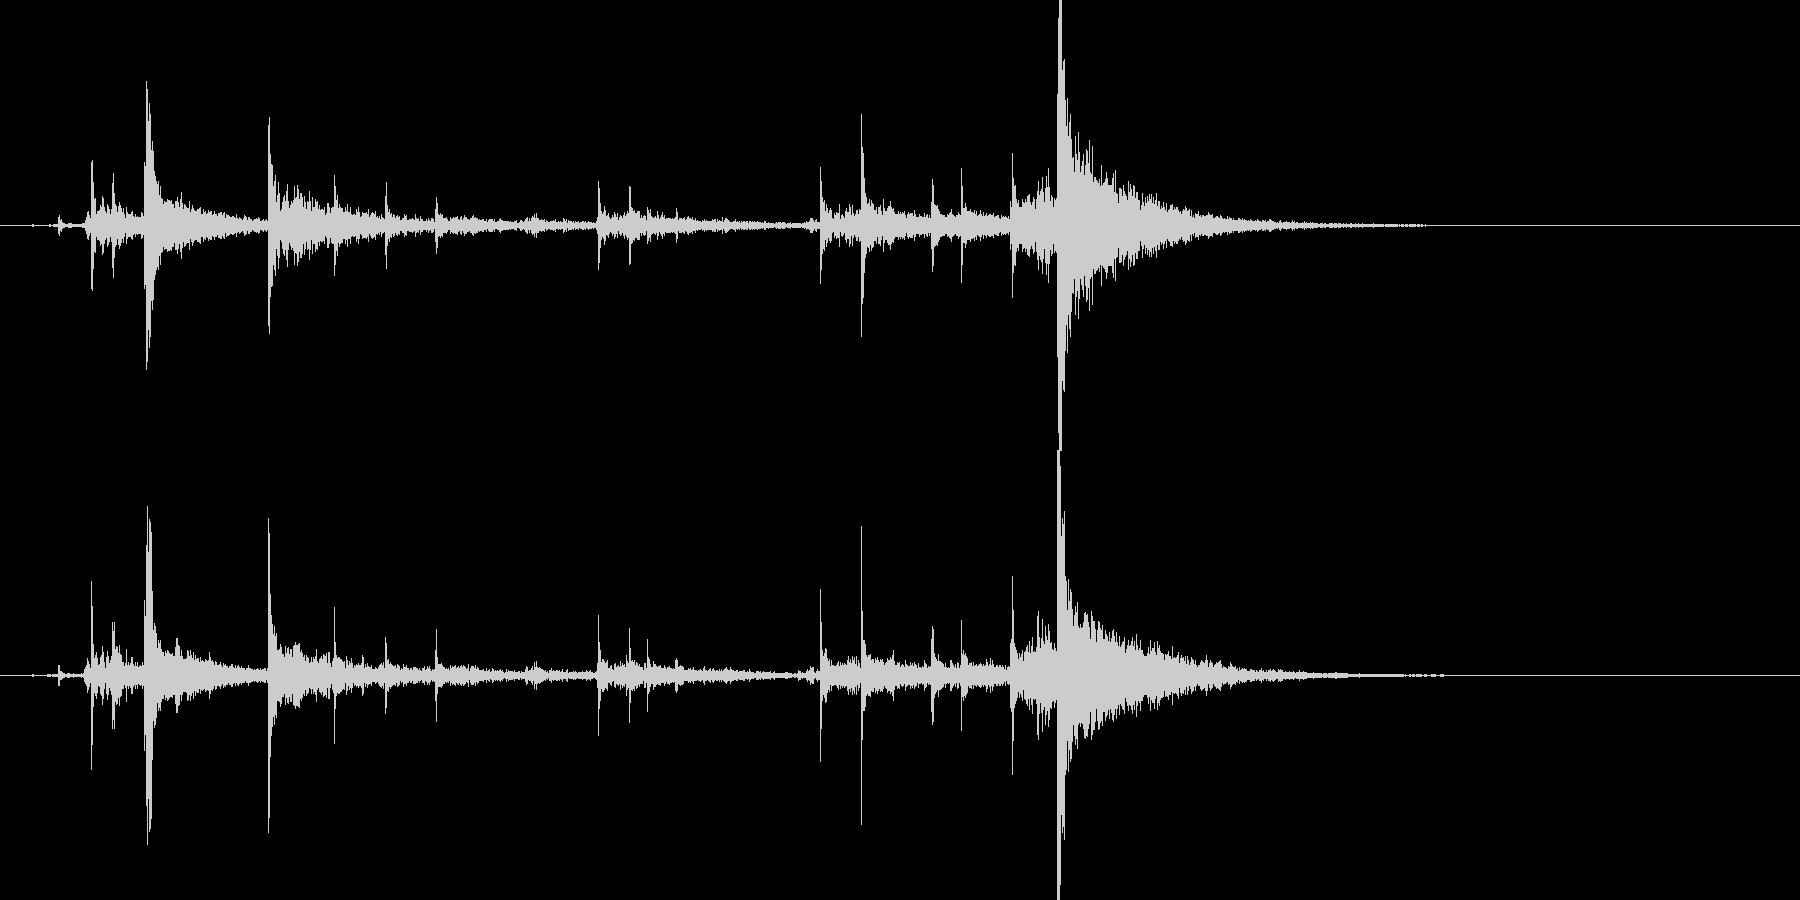 ドアチェーンを掛ける音1リバーブの未再生の波形